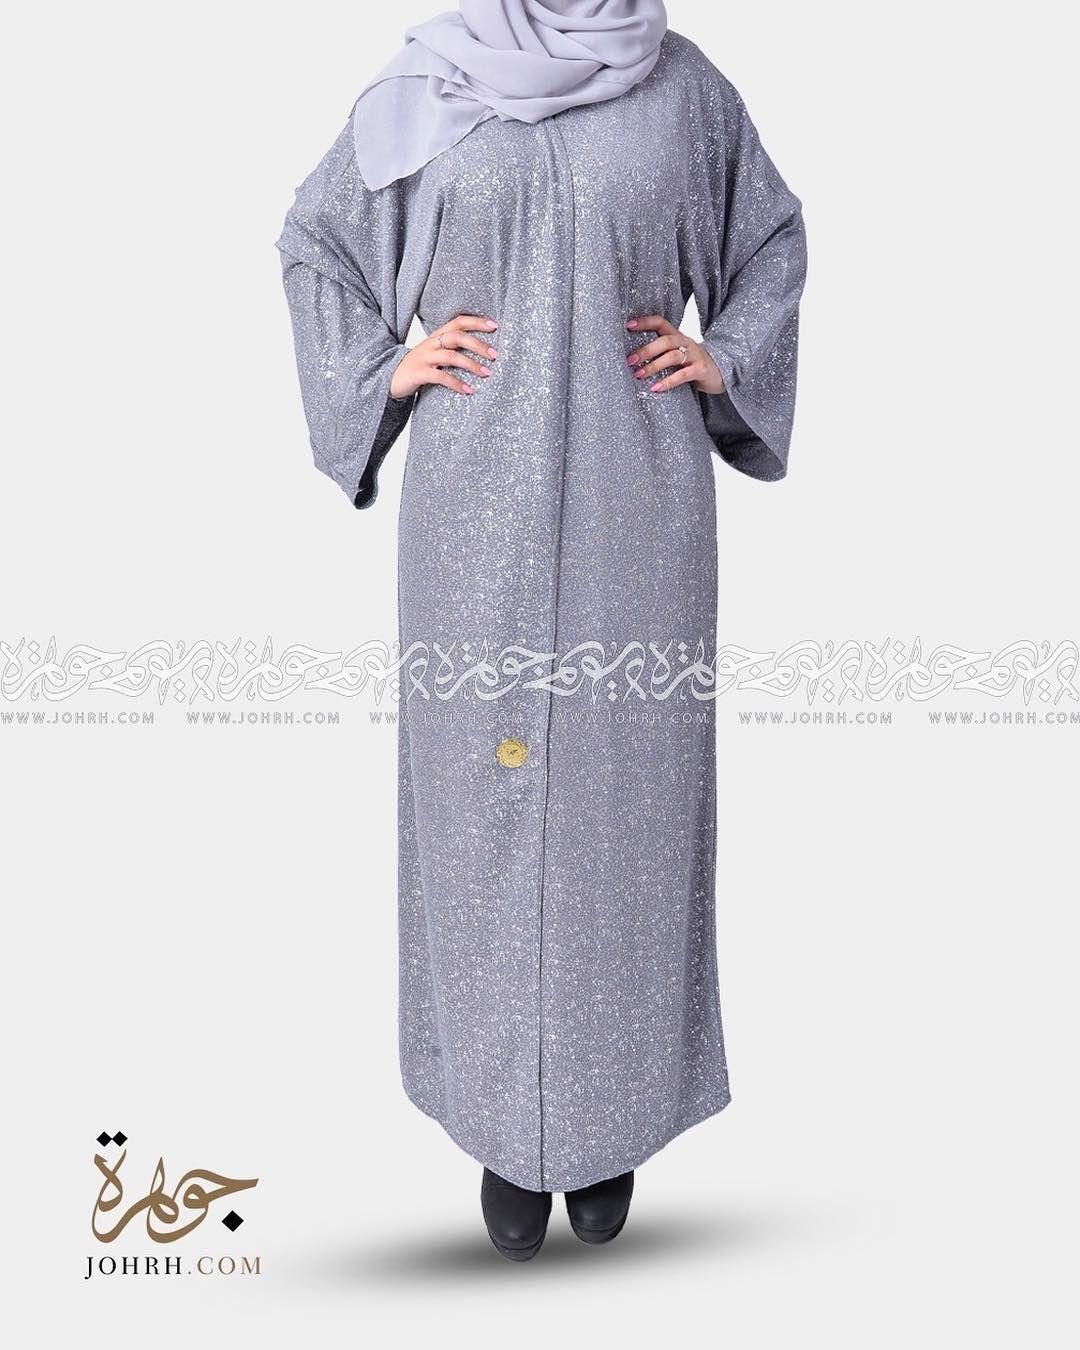 رقم الموديل 1261 السعر بعد الخصم 230 ريال عباية لف بكم مربع وقماش عصري بلون رمادي متوسط ولمسة فضيه ناعمة لطلة شبابية ملفتة عب Fashion Maxi Dress Dresses